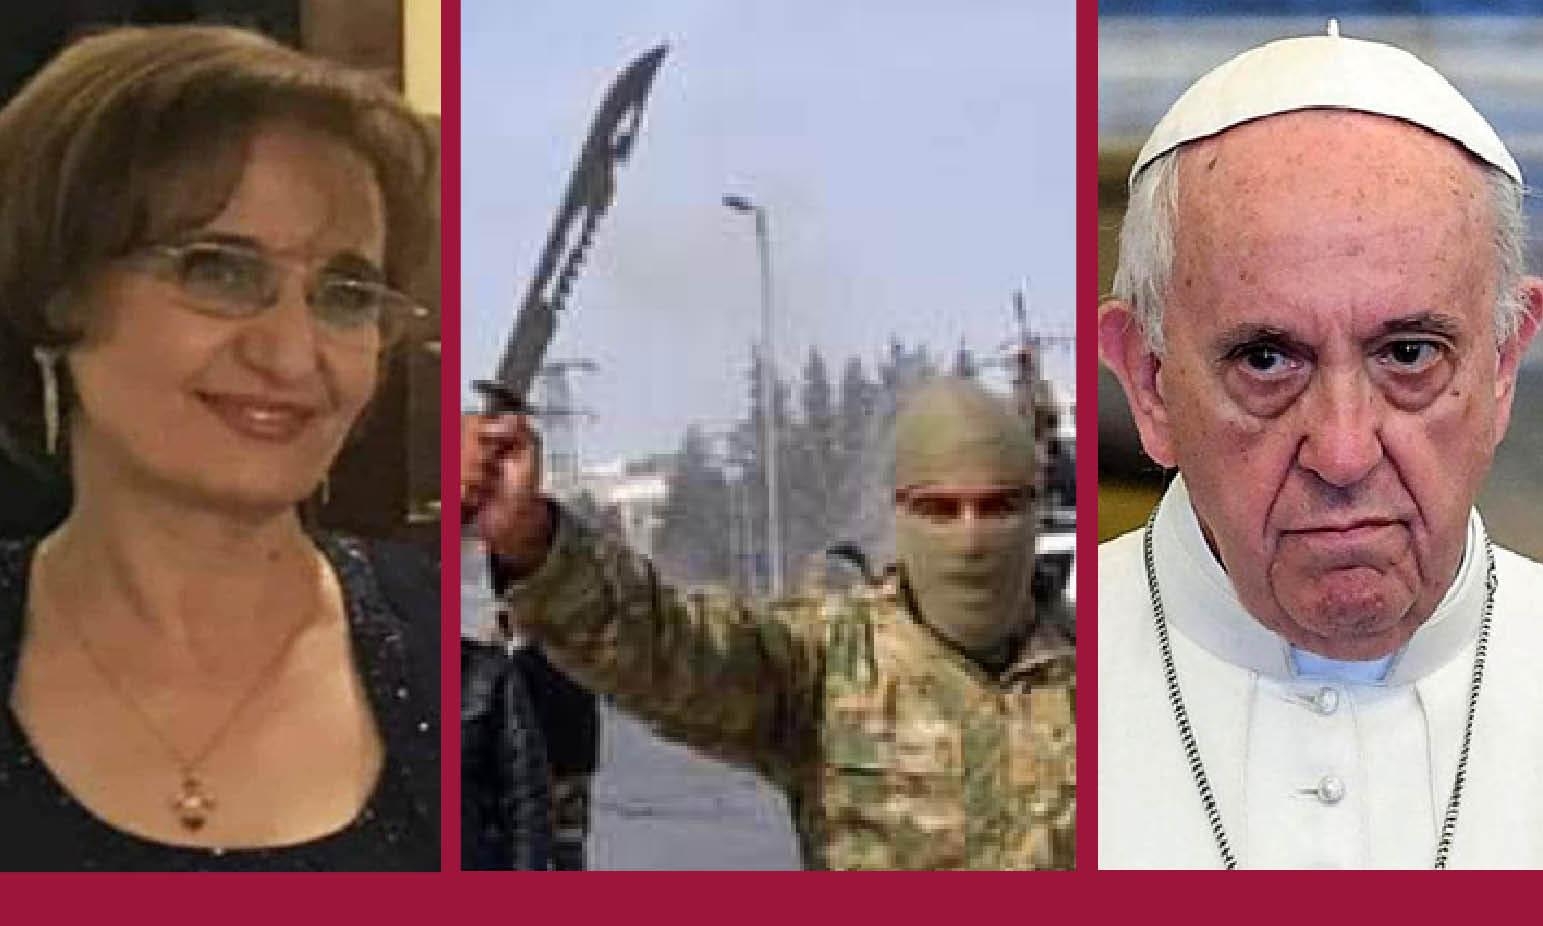 IDLIB: JIHADISTI STUPRANO E LAPIDANO UNA CRISTIANA, IL PAPA BACCHETTA LA SIRIA